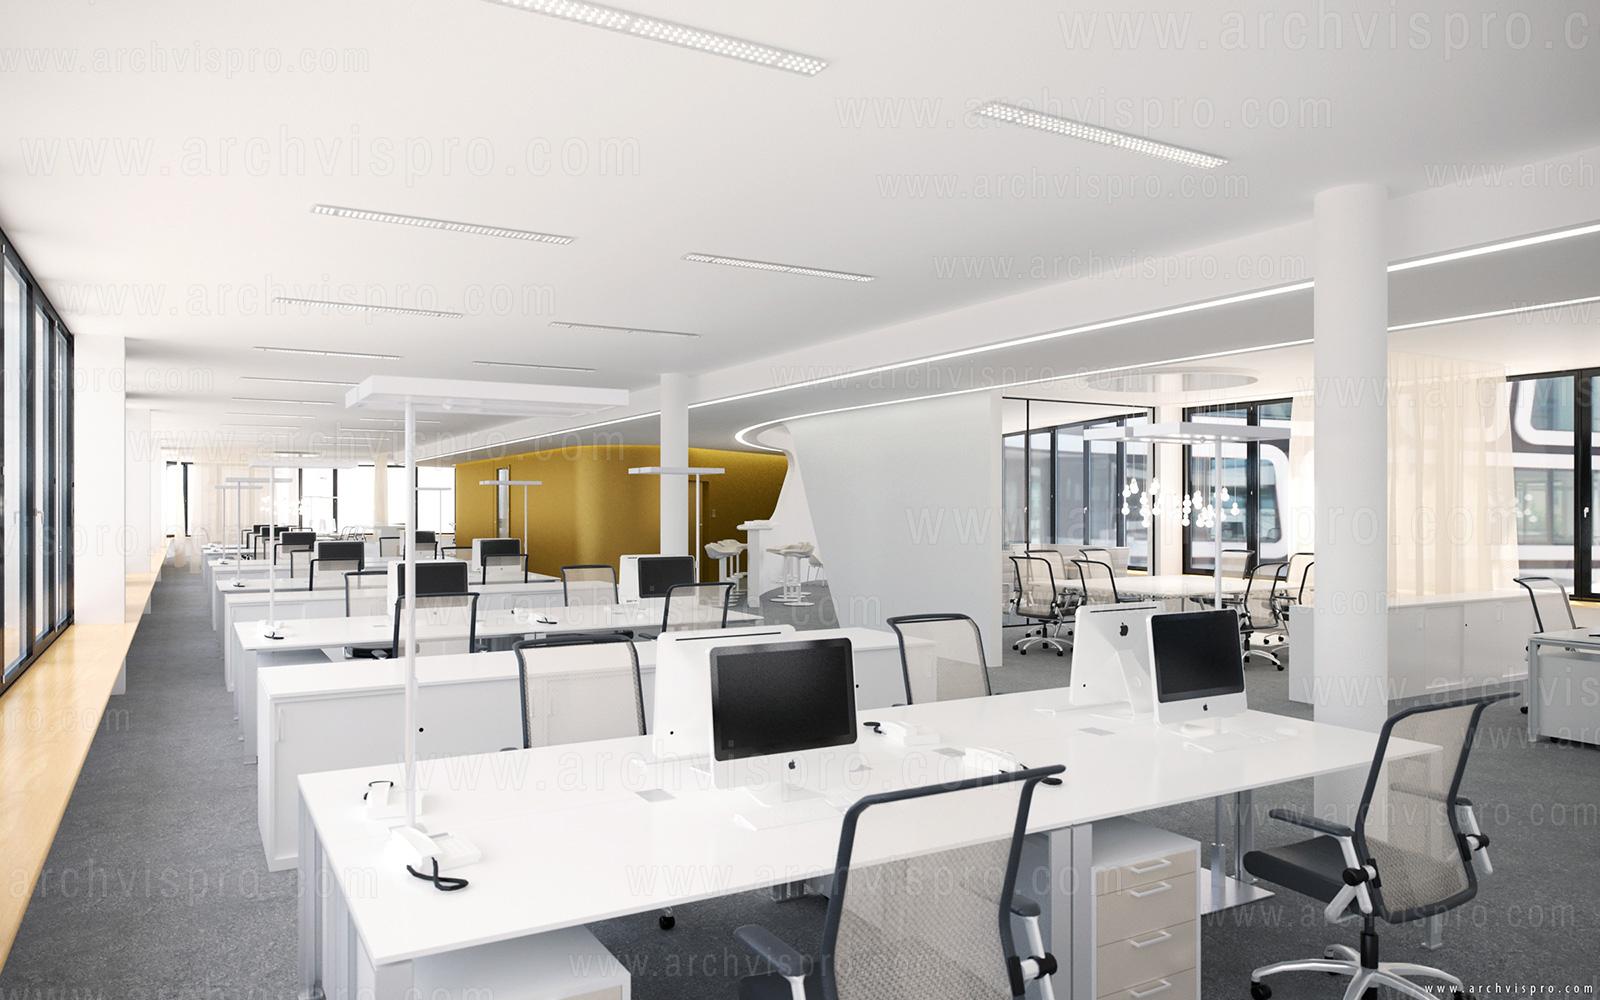 Architekturvisualisierung Stuttgart archvispro visualisierungen 2012 architekturvisualisierung 3d